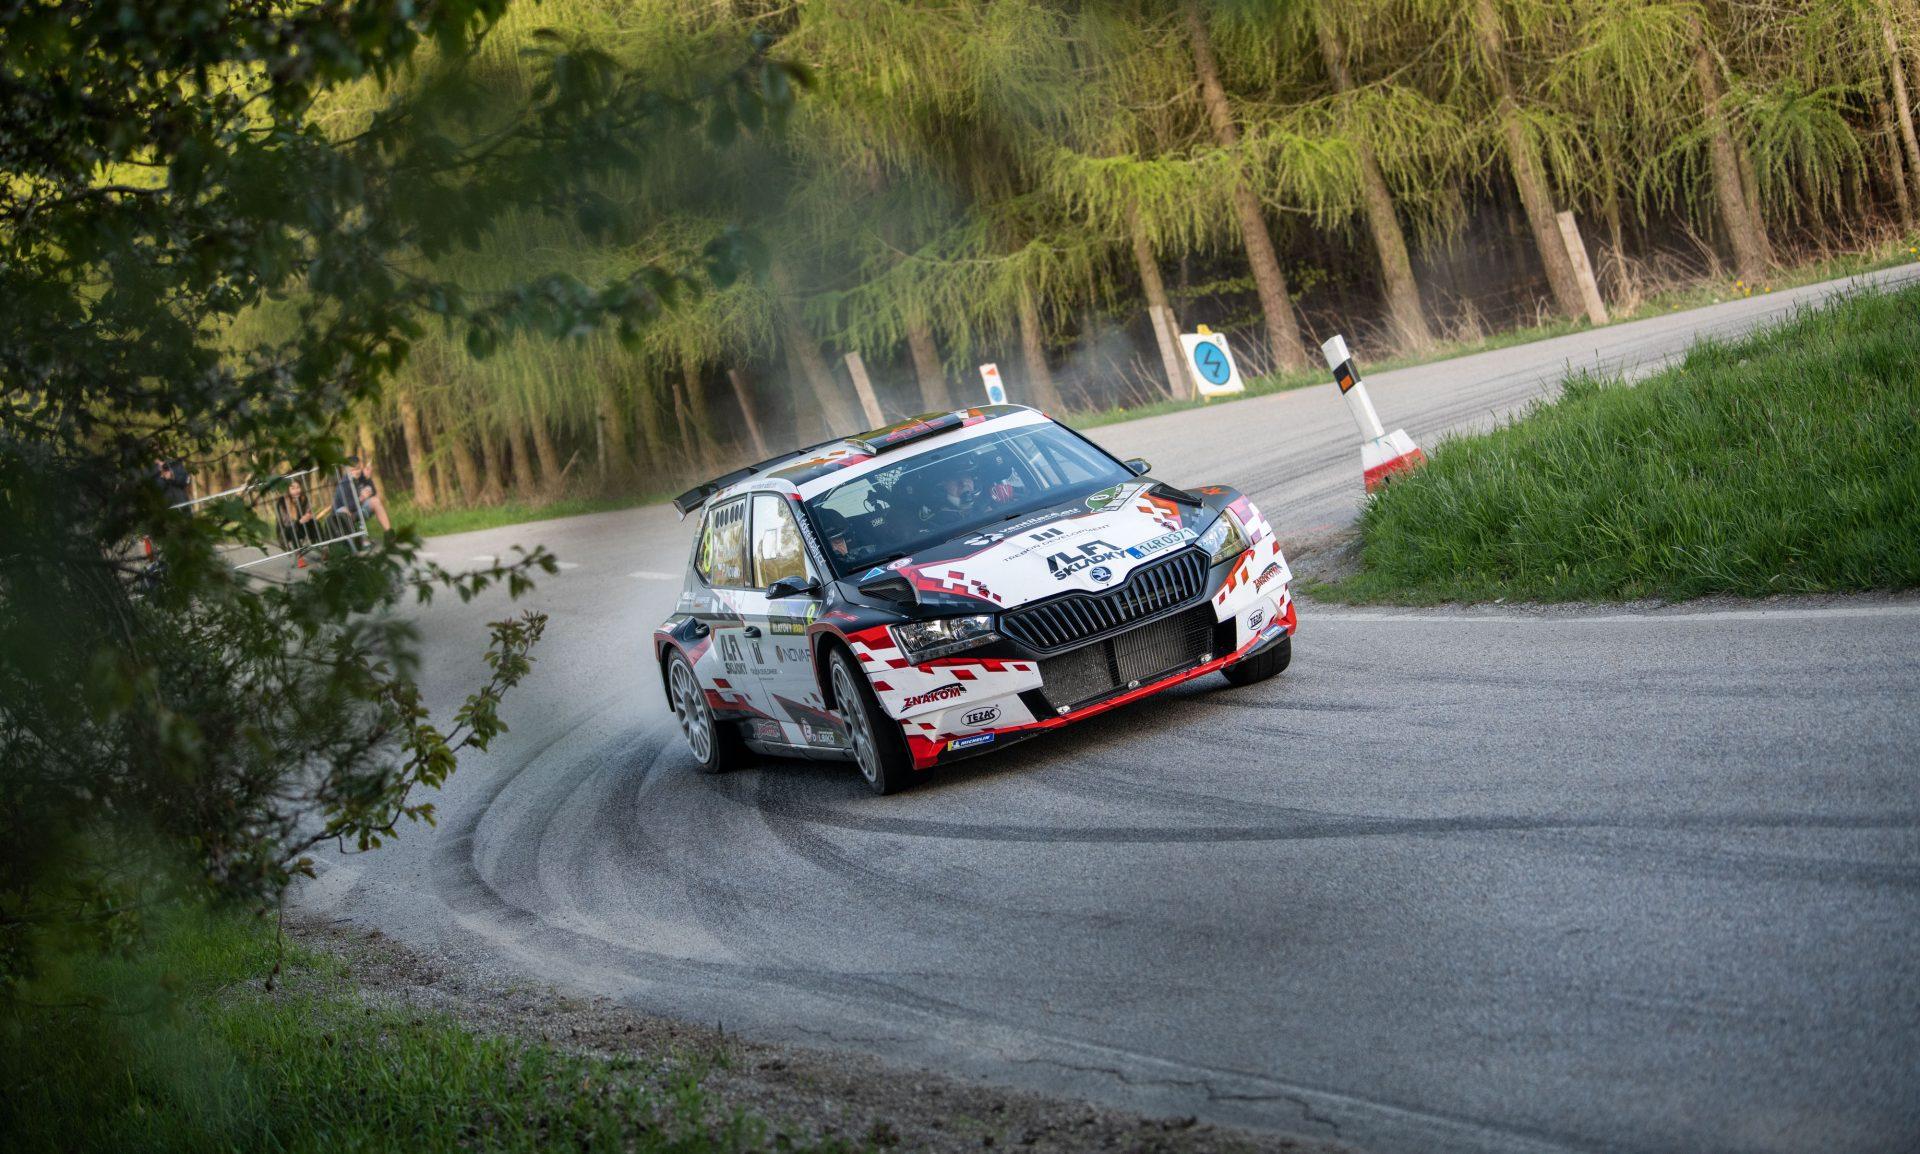 Download Rallye Šumava Klatovy Wallpapers for Your Phone